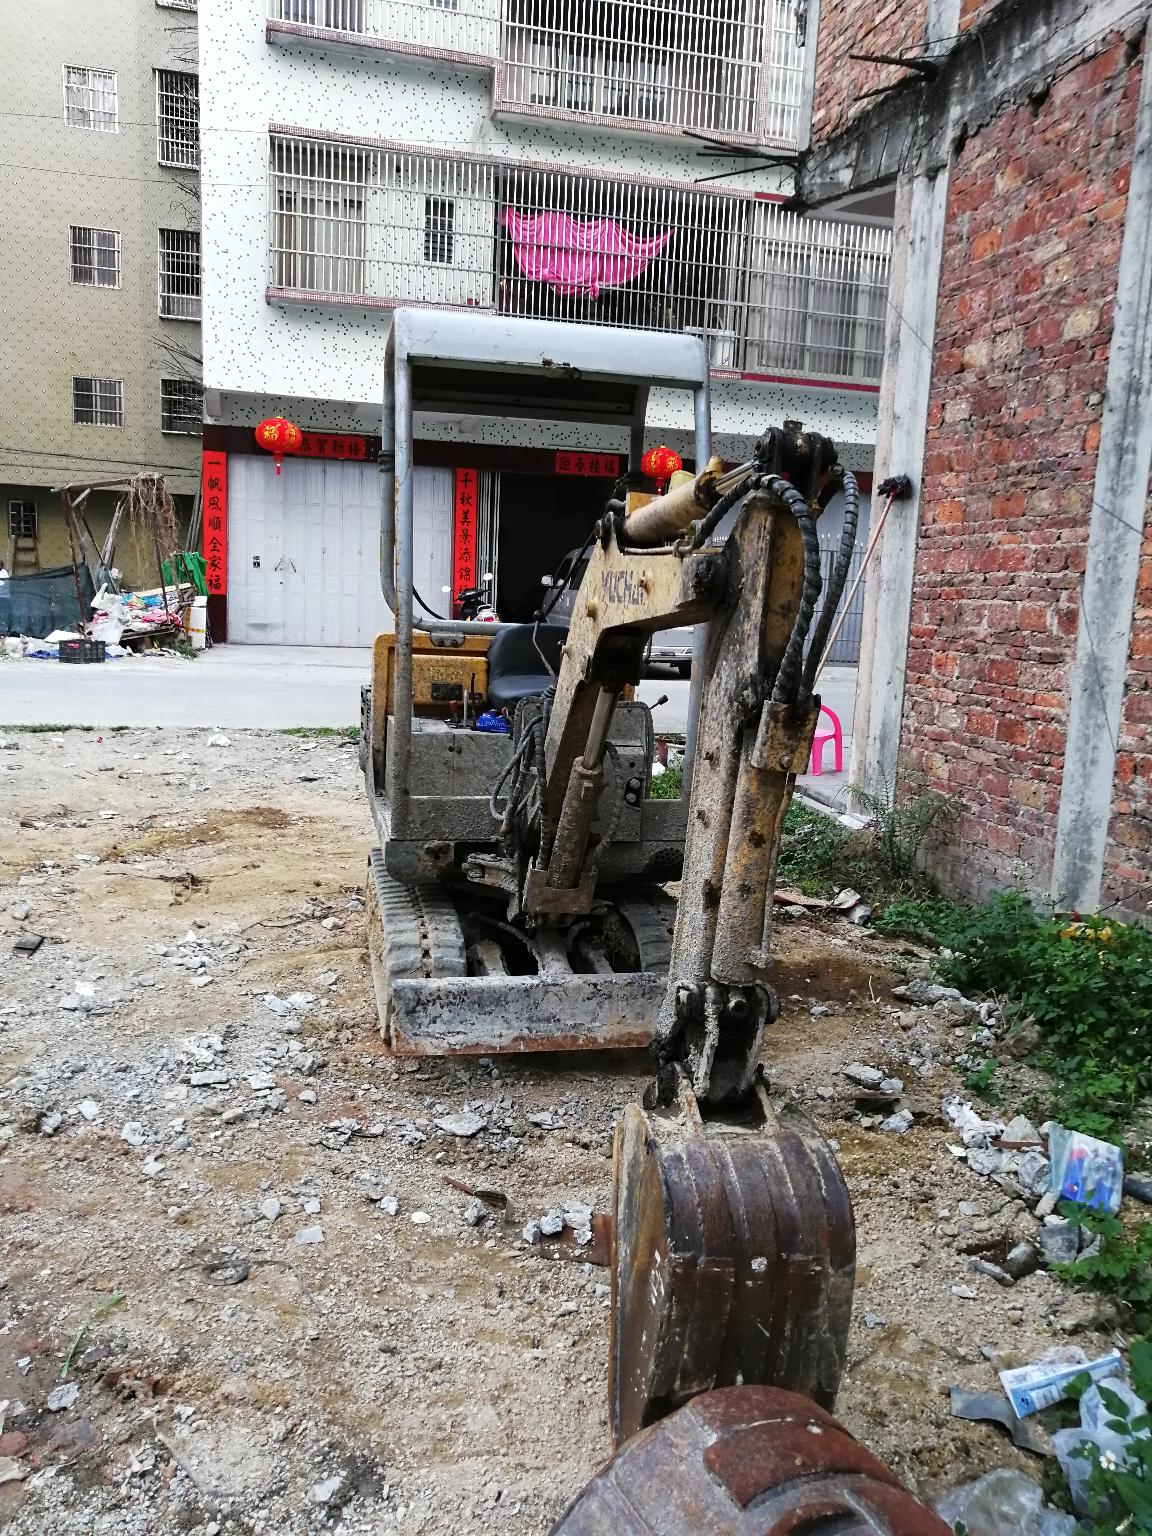 挖机外表面沾了很多水泥浆,有什么好办法可以处理好呢?